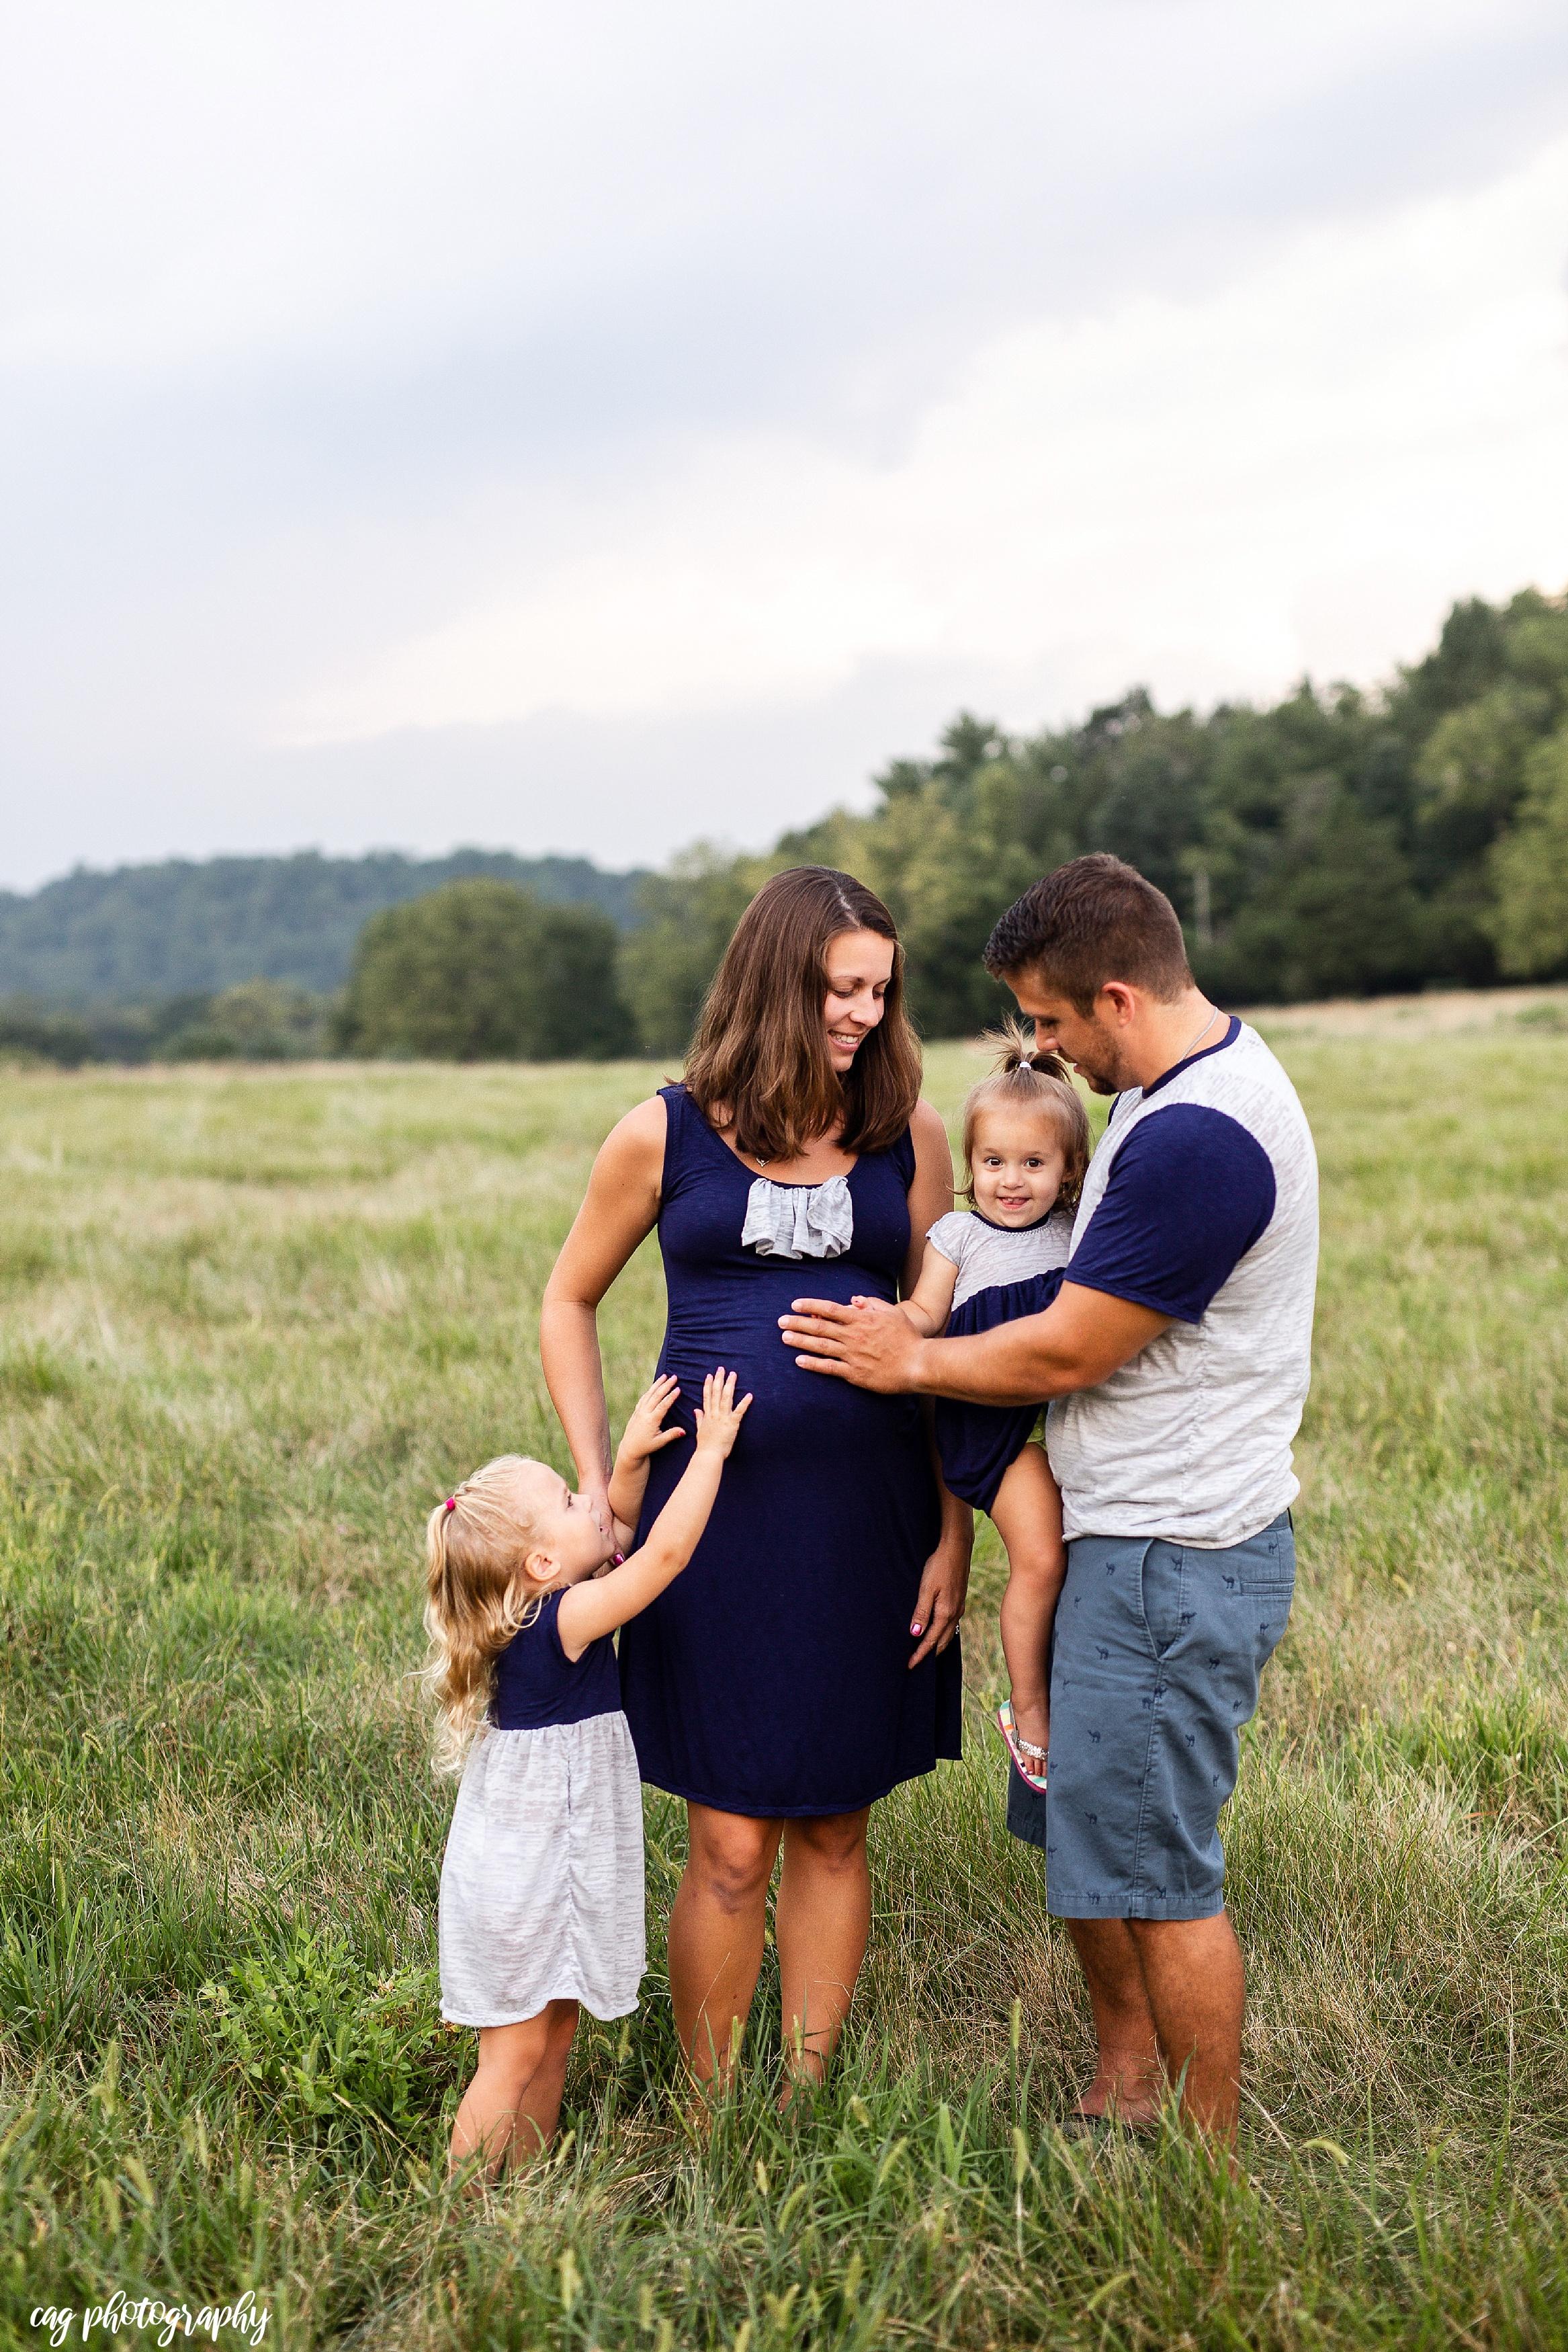 Zeledon_Maternity-13.jpg